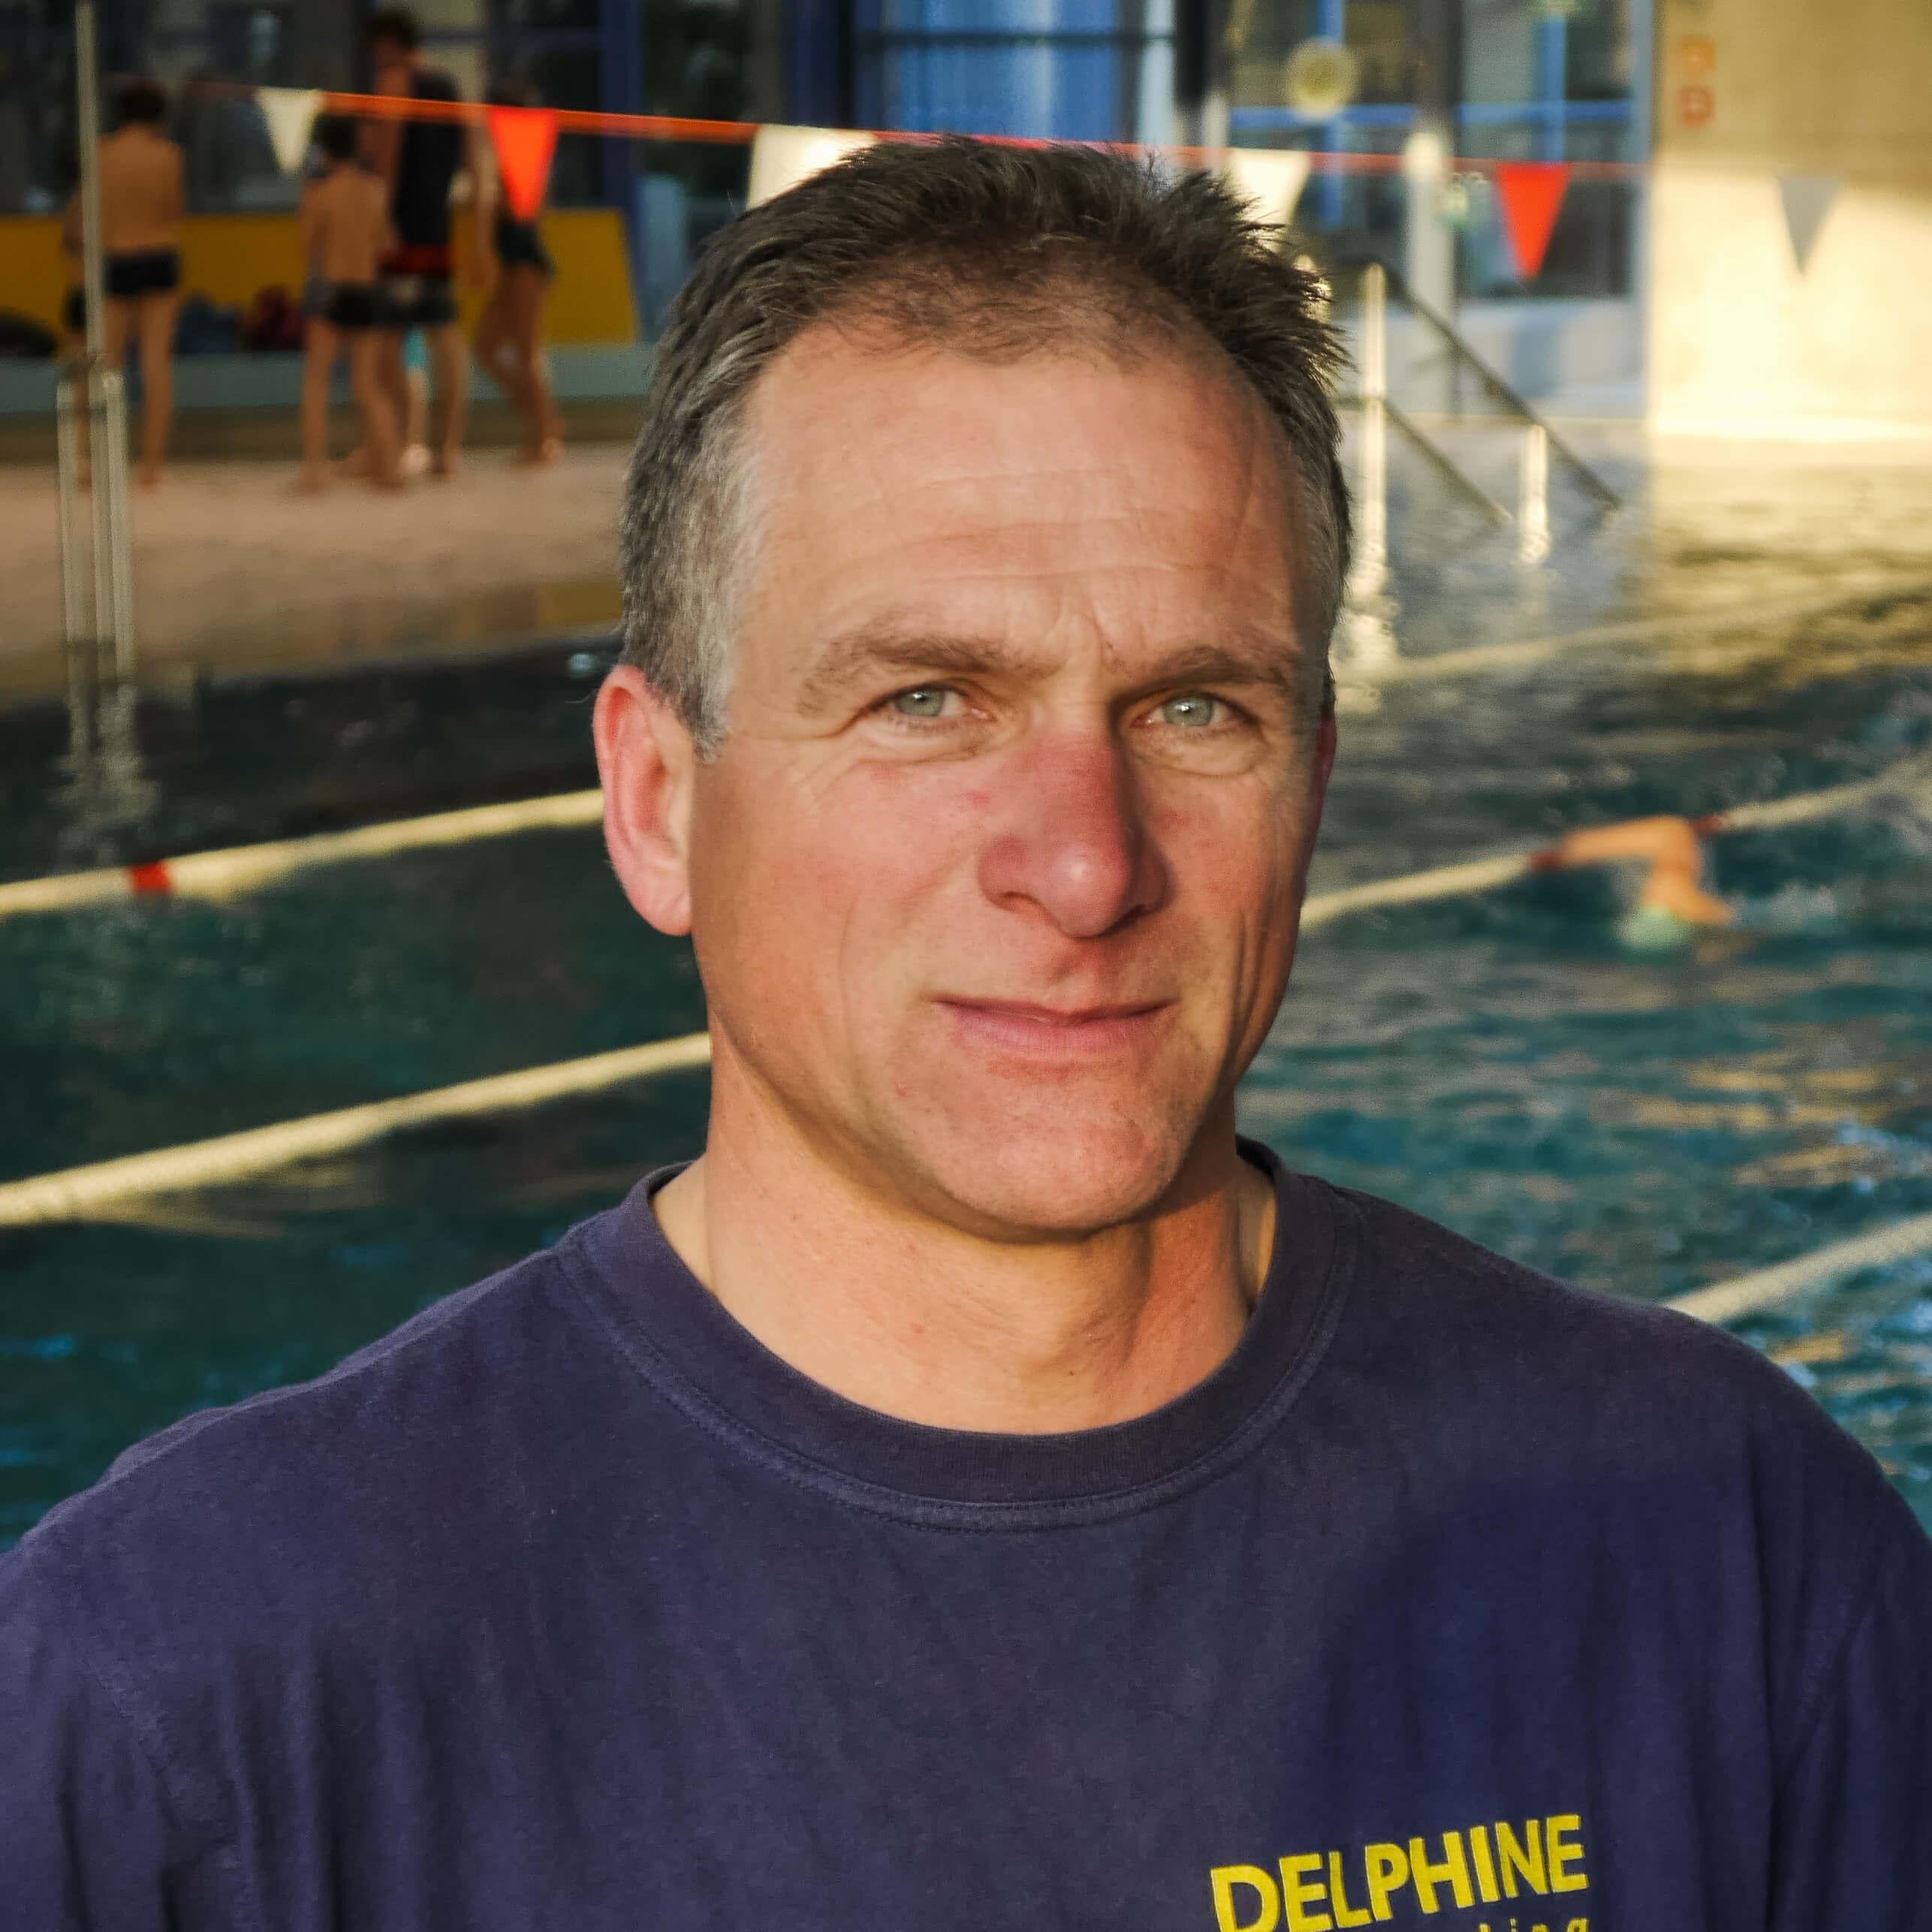 Stefan Kittlitz